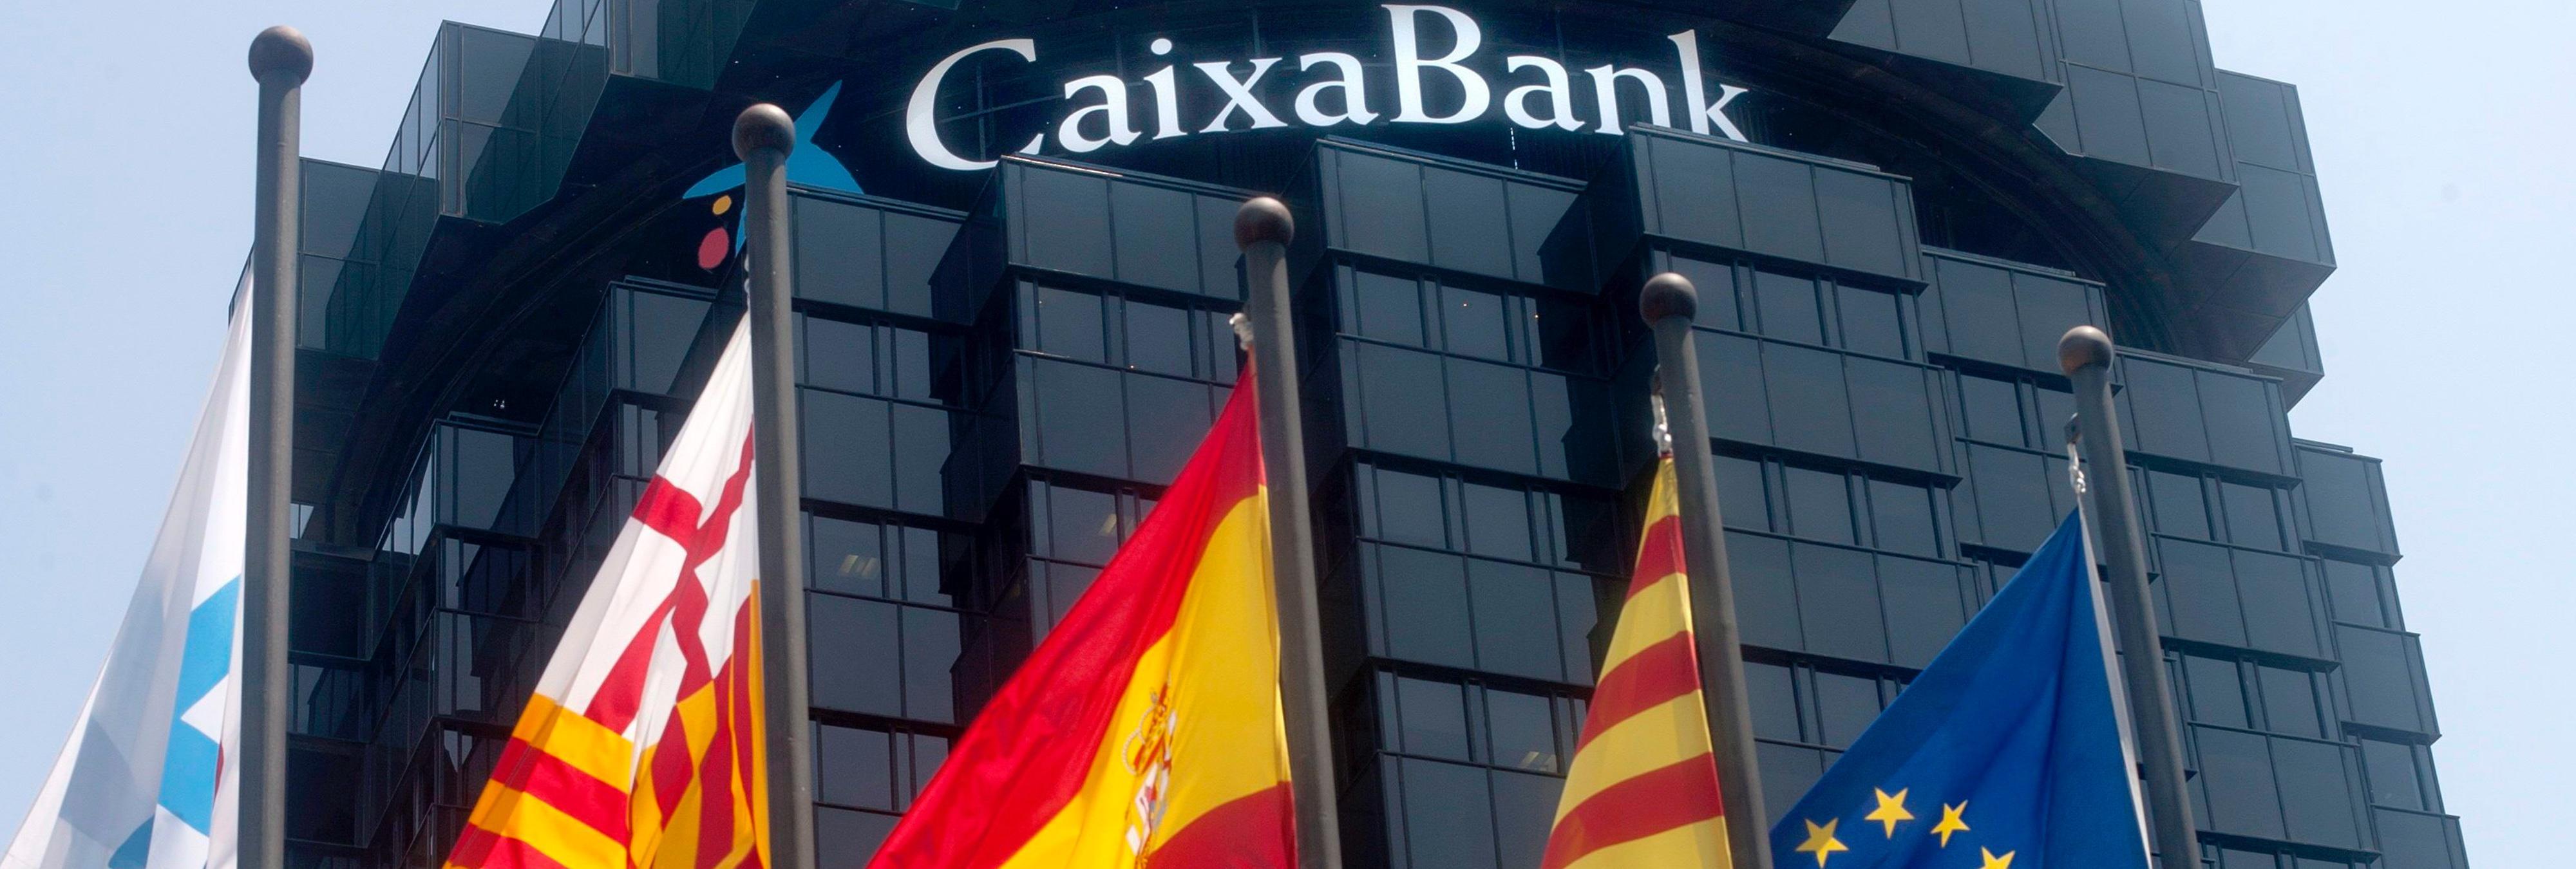 Las empresas que abandonan Cataluña tras el pánico generalizado forman el 50% de su PIB